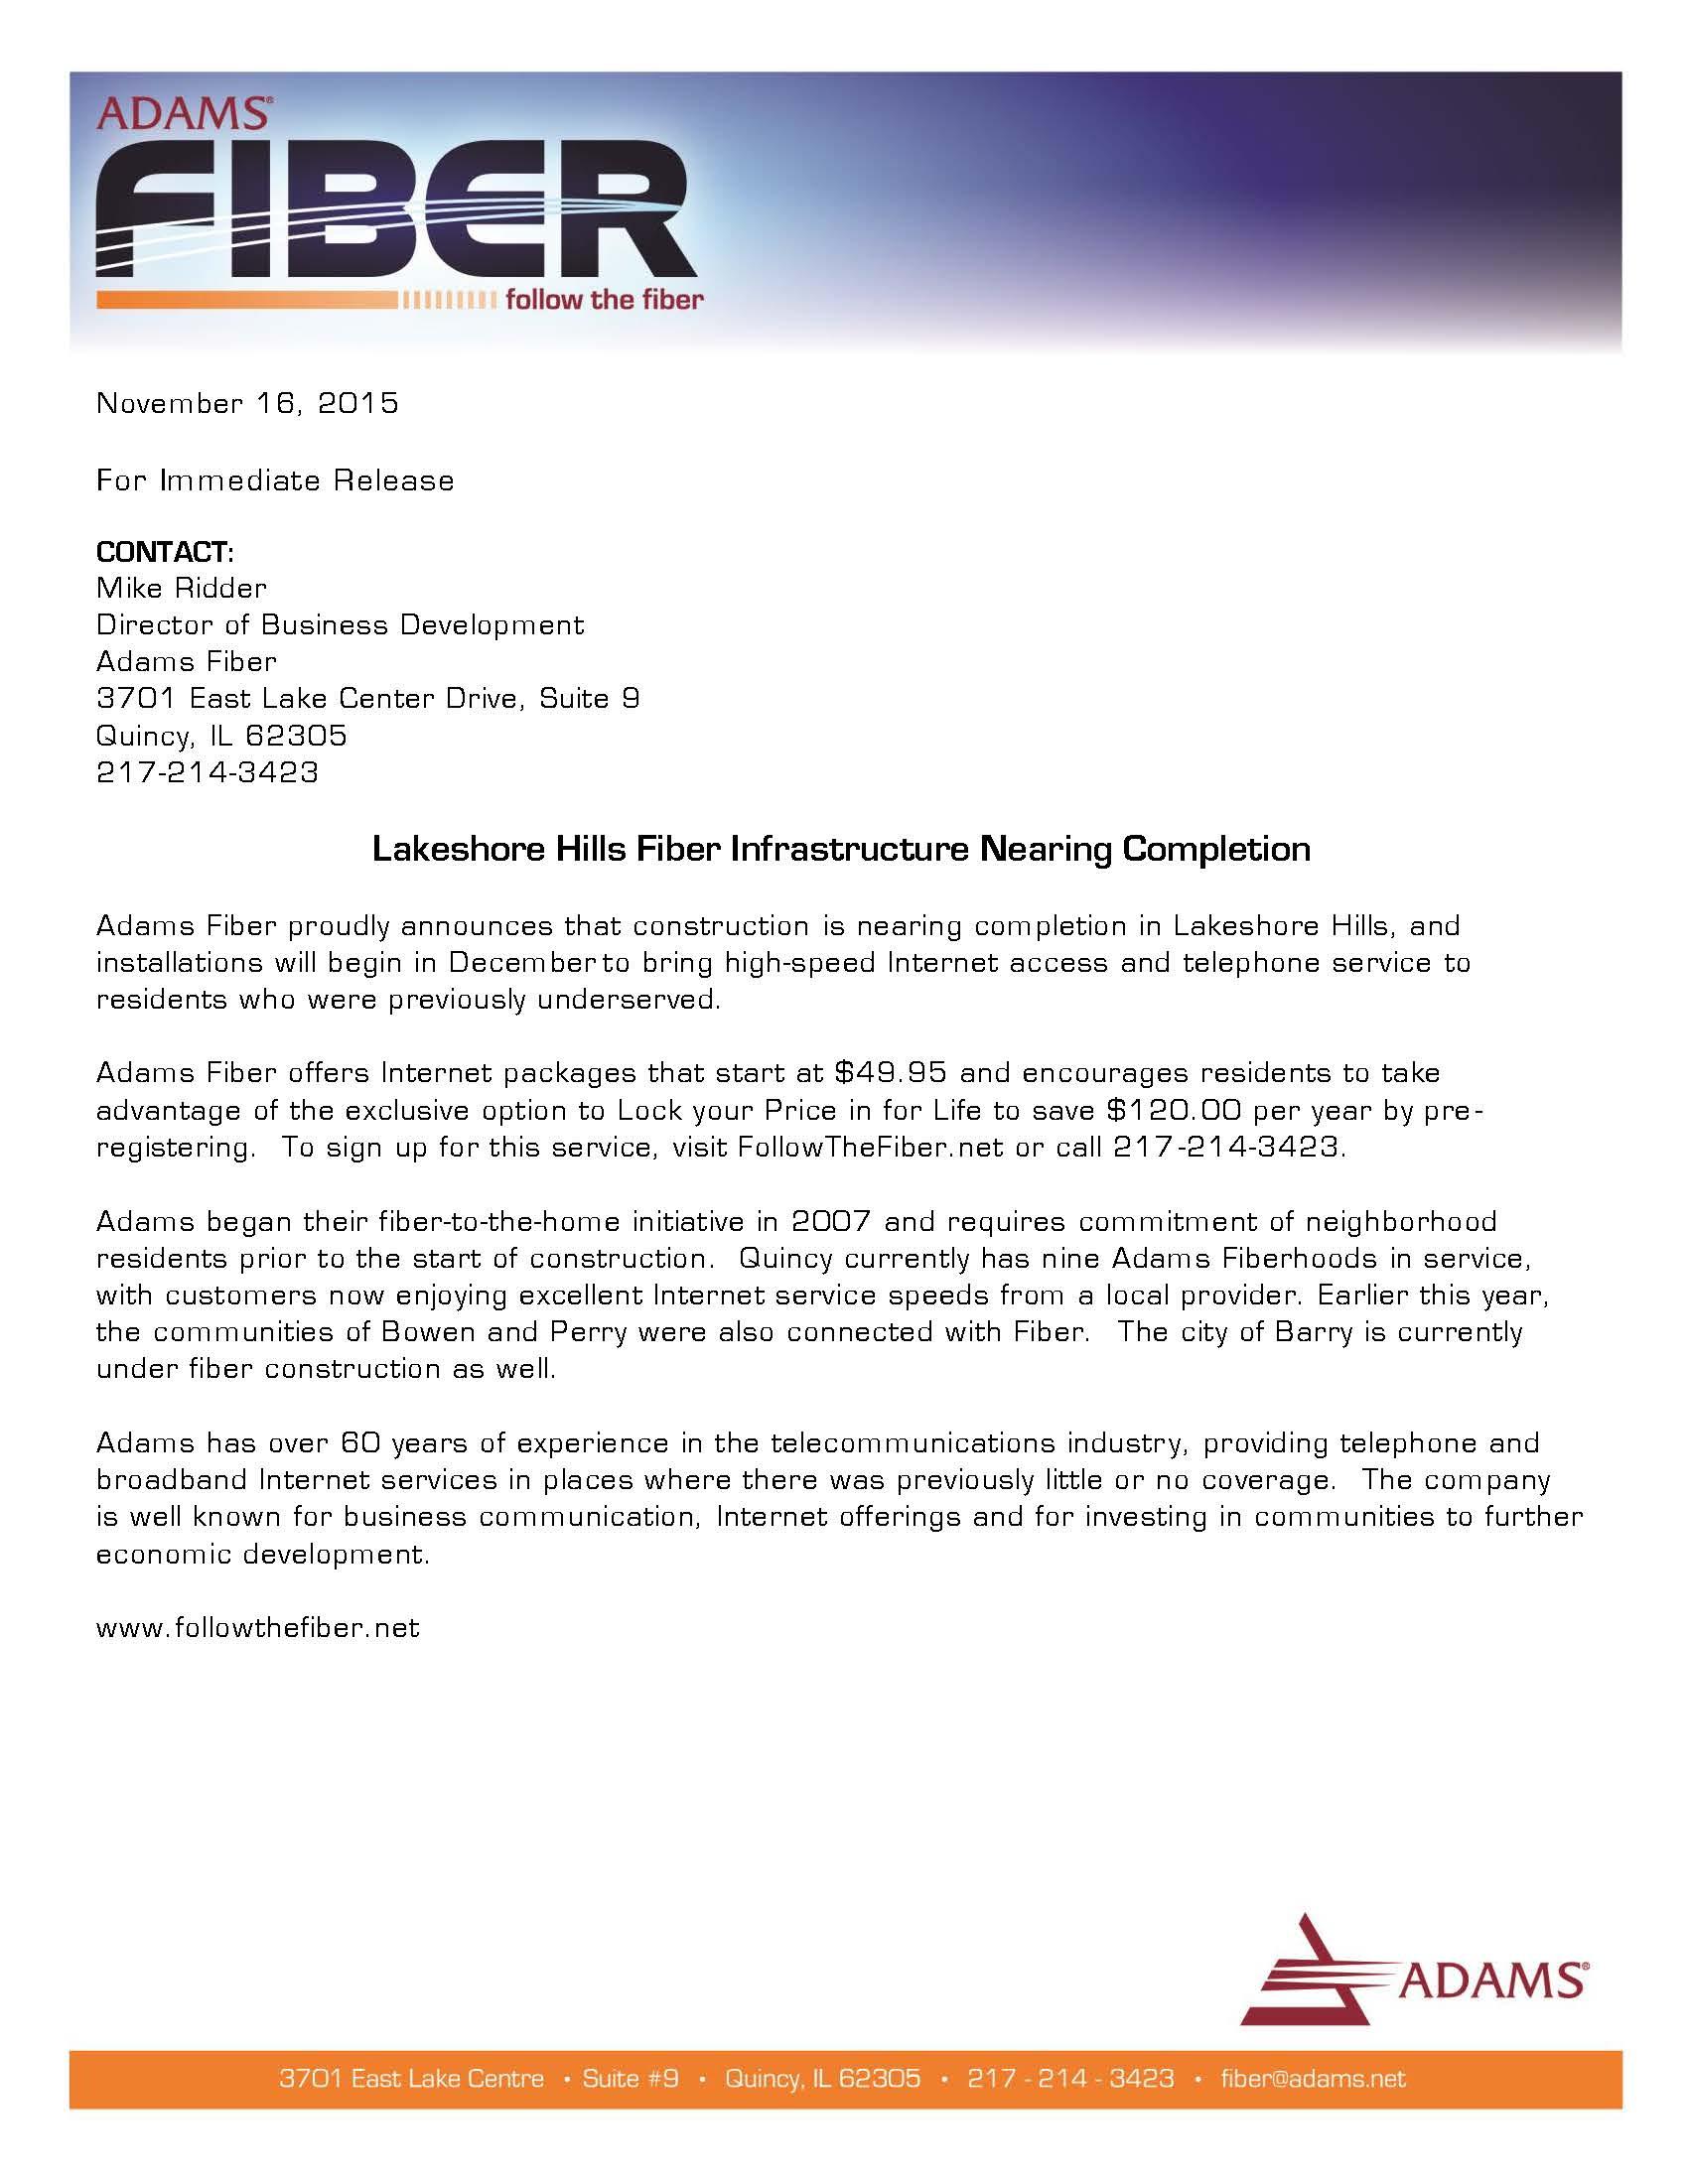 Adams Fiber Press Release_Breckenridge-01